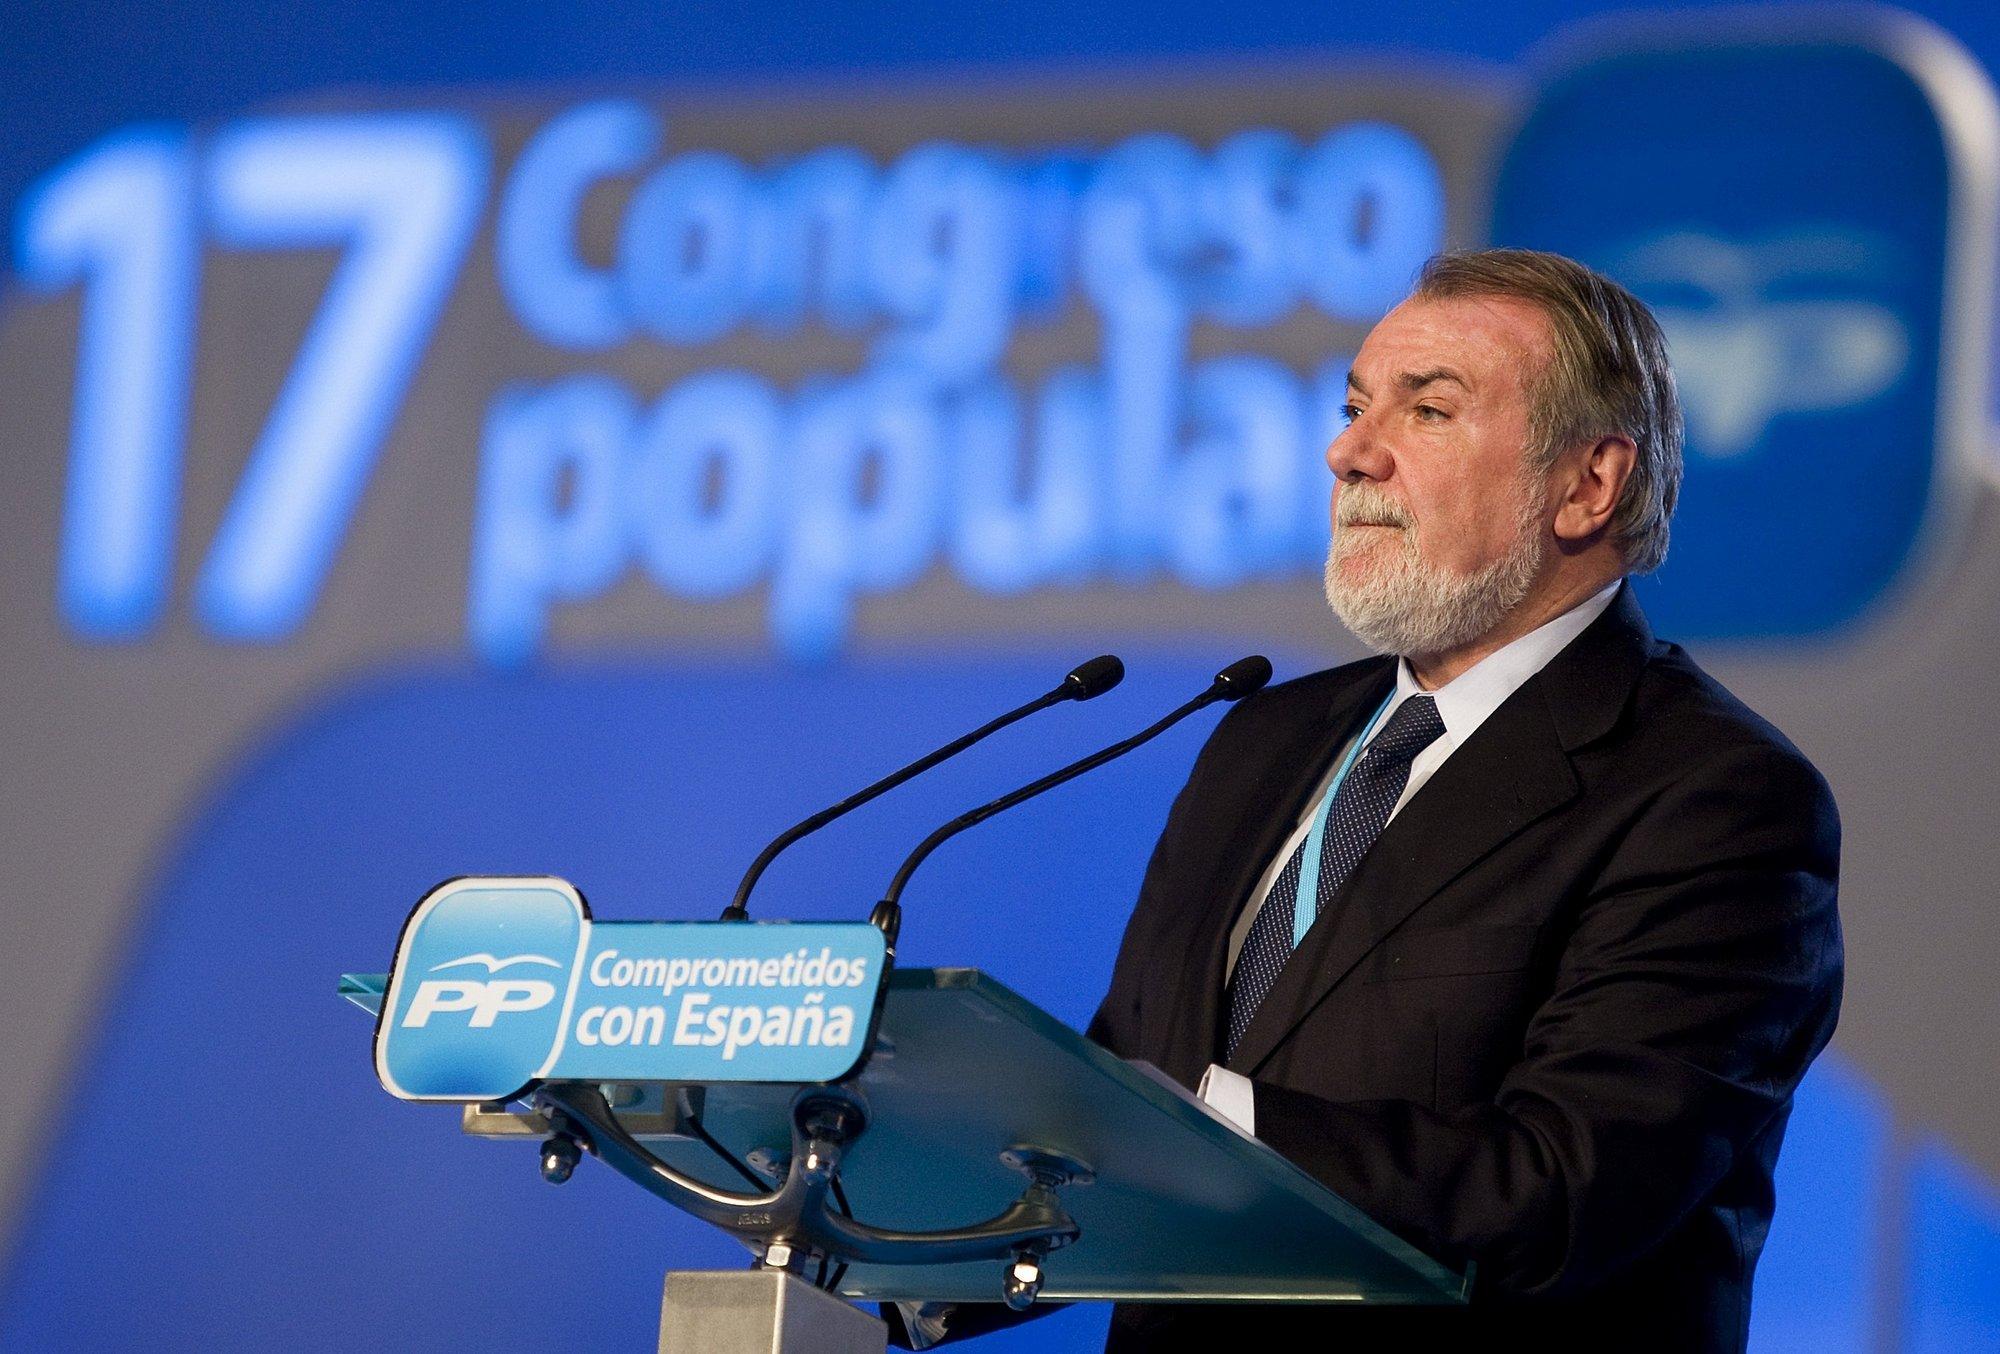 Oreja dice que PP debe estar en la «vanguardia» de la regeneración «moral» por ser ejemplo de «decencia»